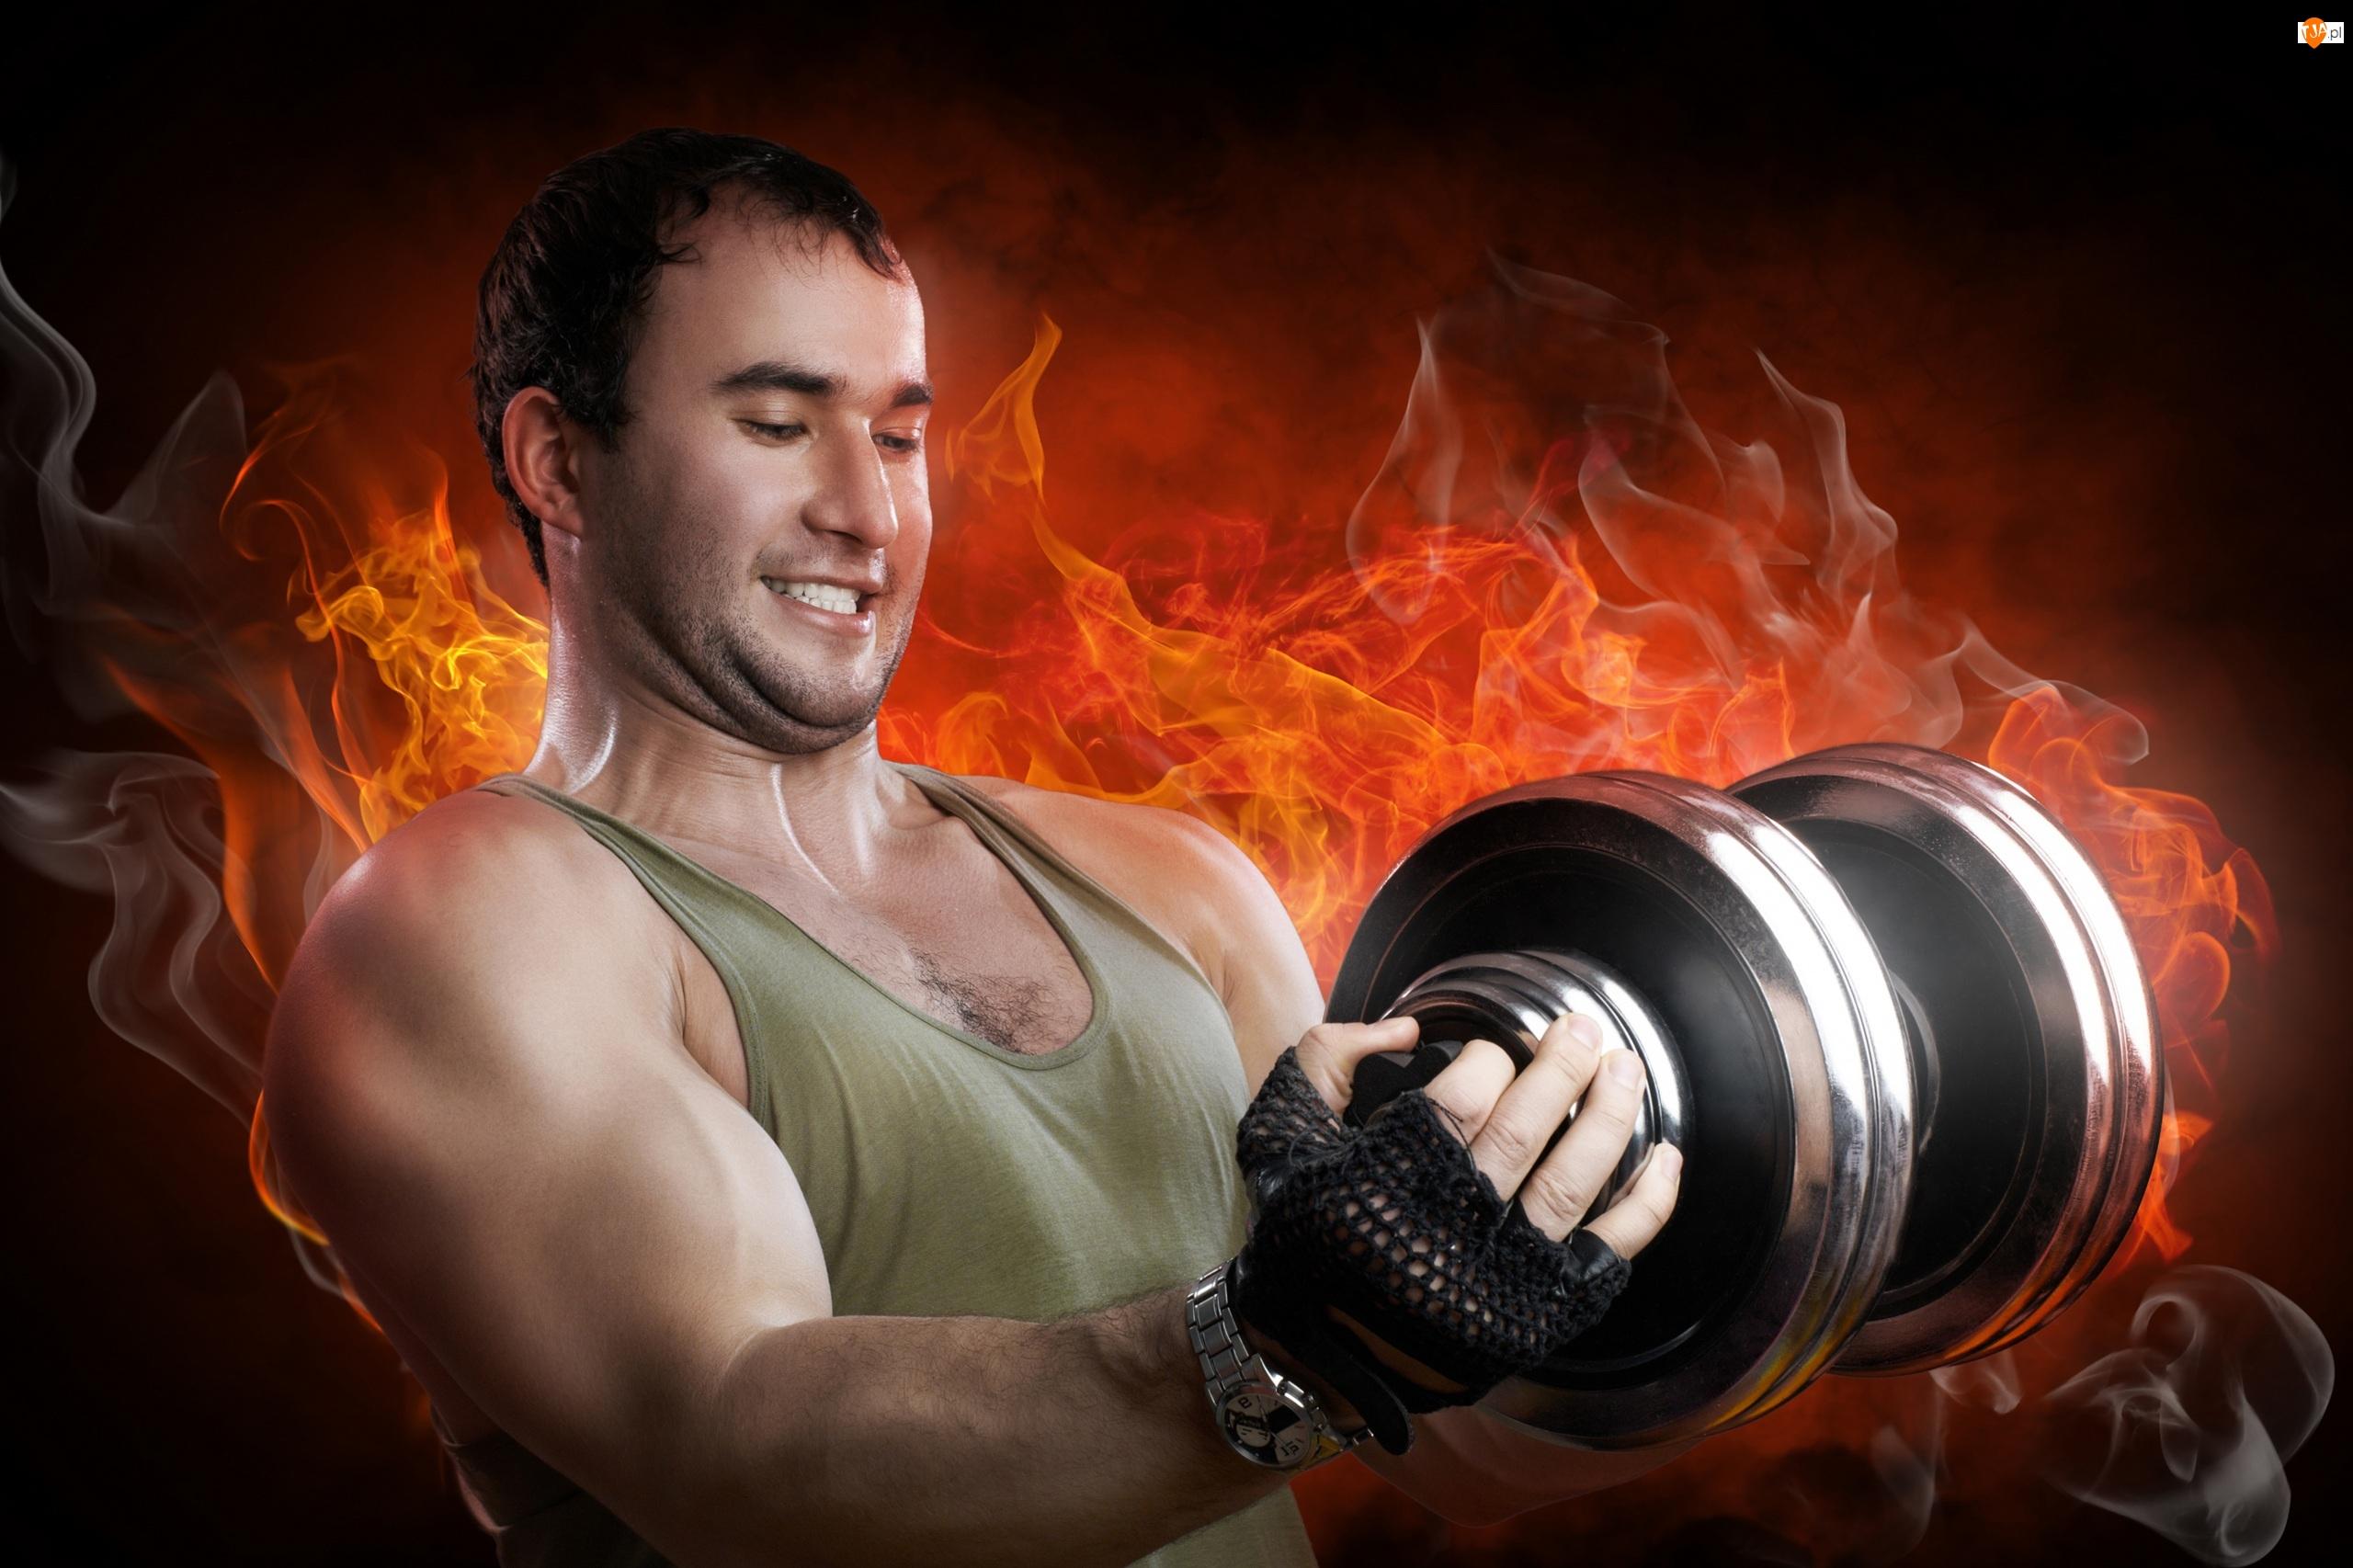 Mięśnie, Siłownia, Ciężarki, Mężczyzna, Płomienie